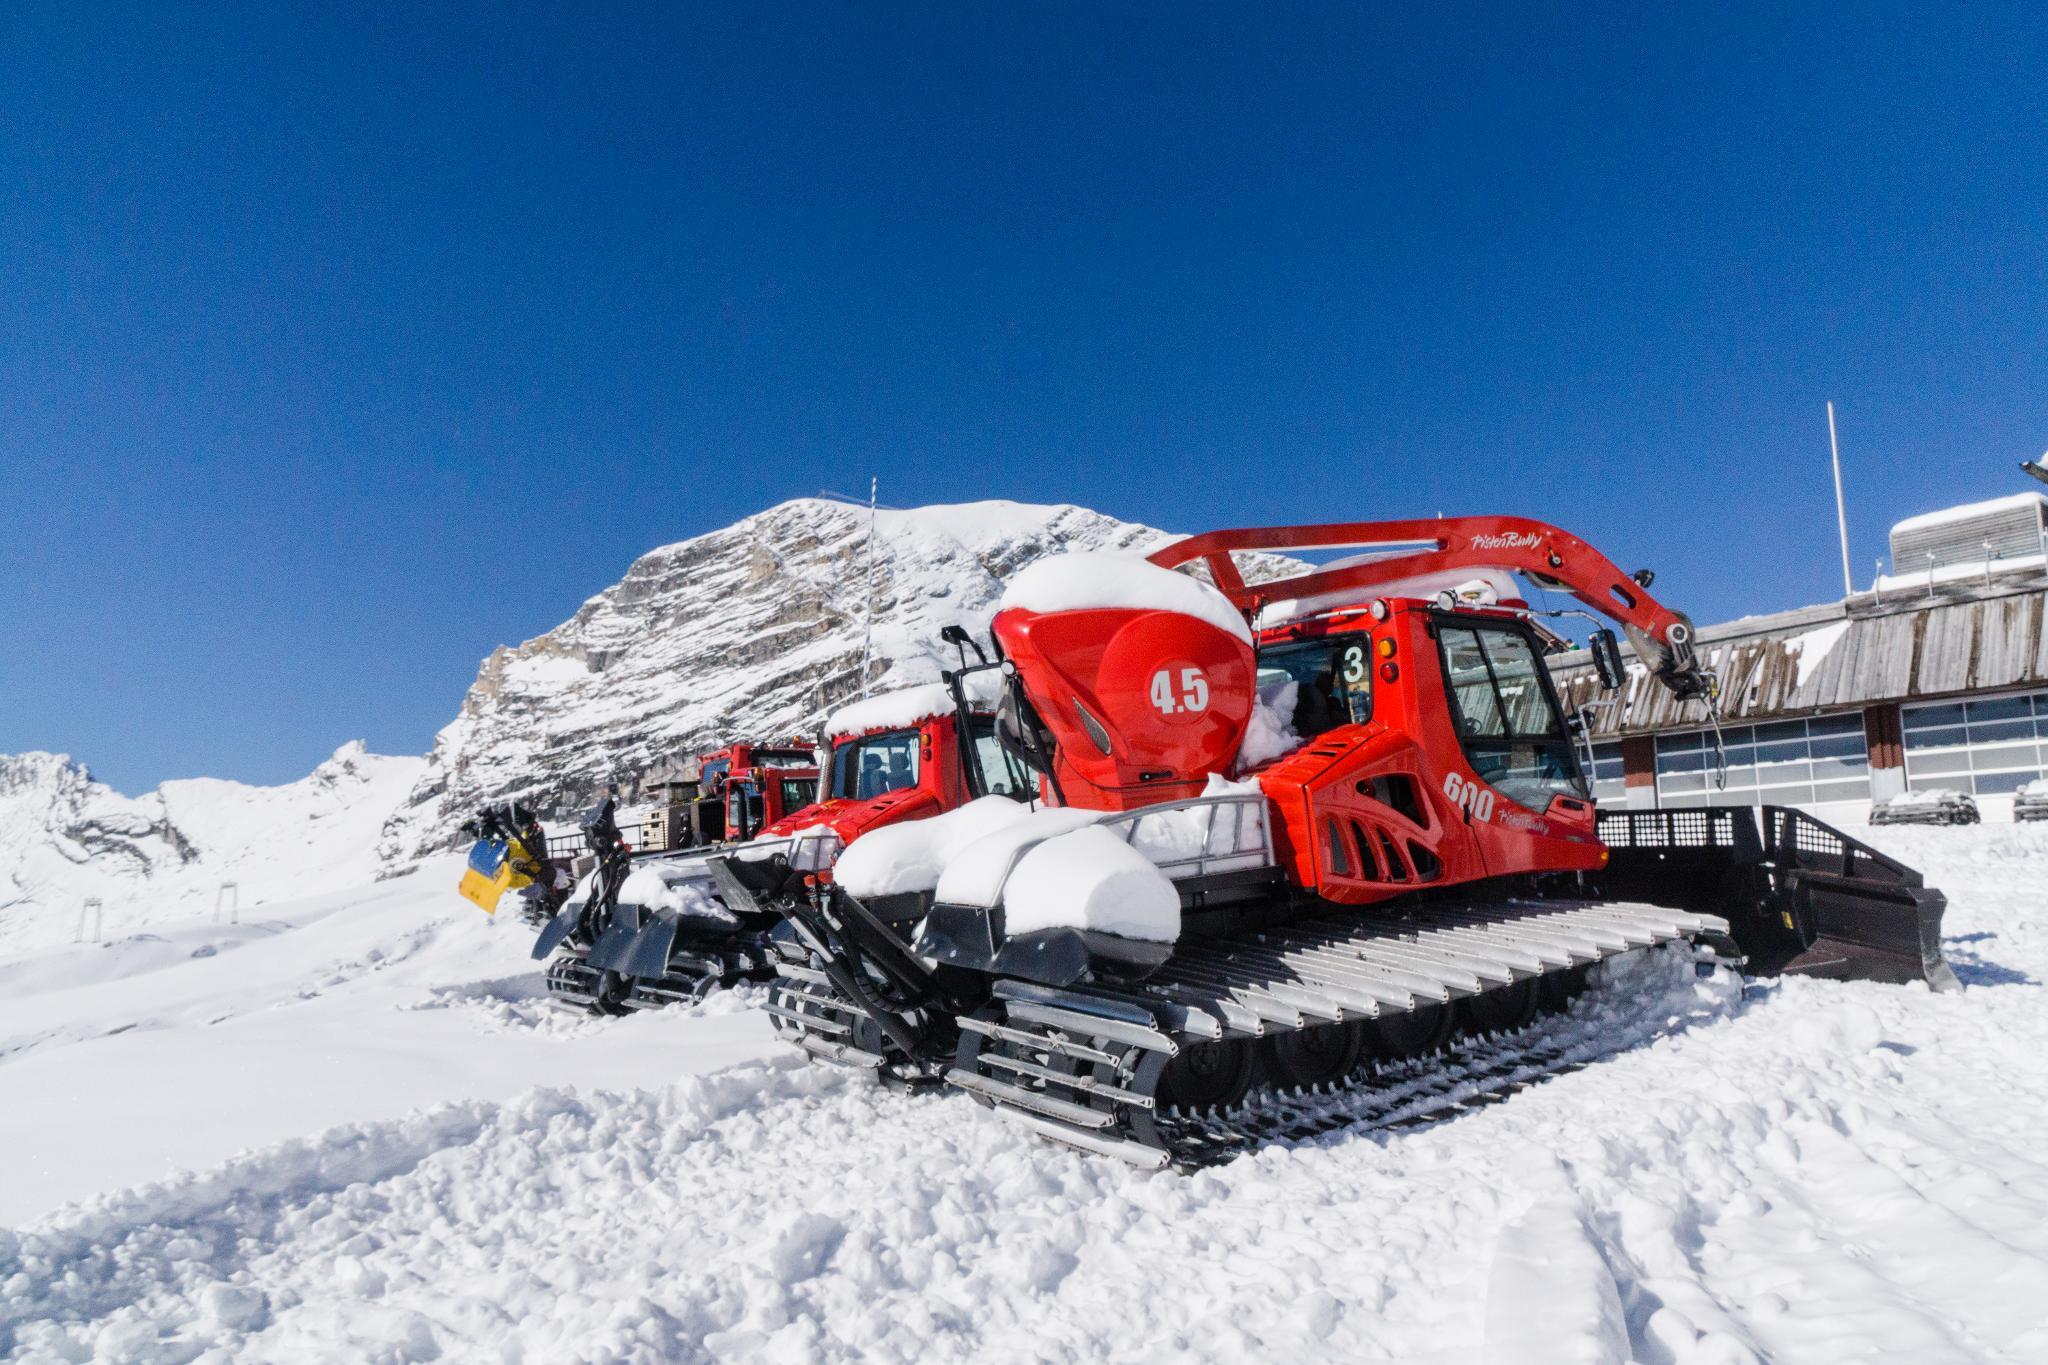 【德國】阿爾卑斯大道:楚格峰 (Zugspitze) 登上德國之巔 21